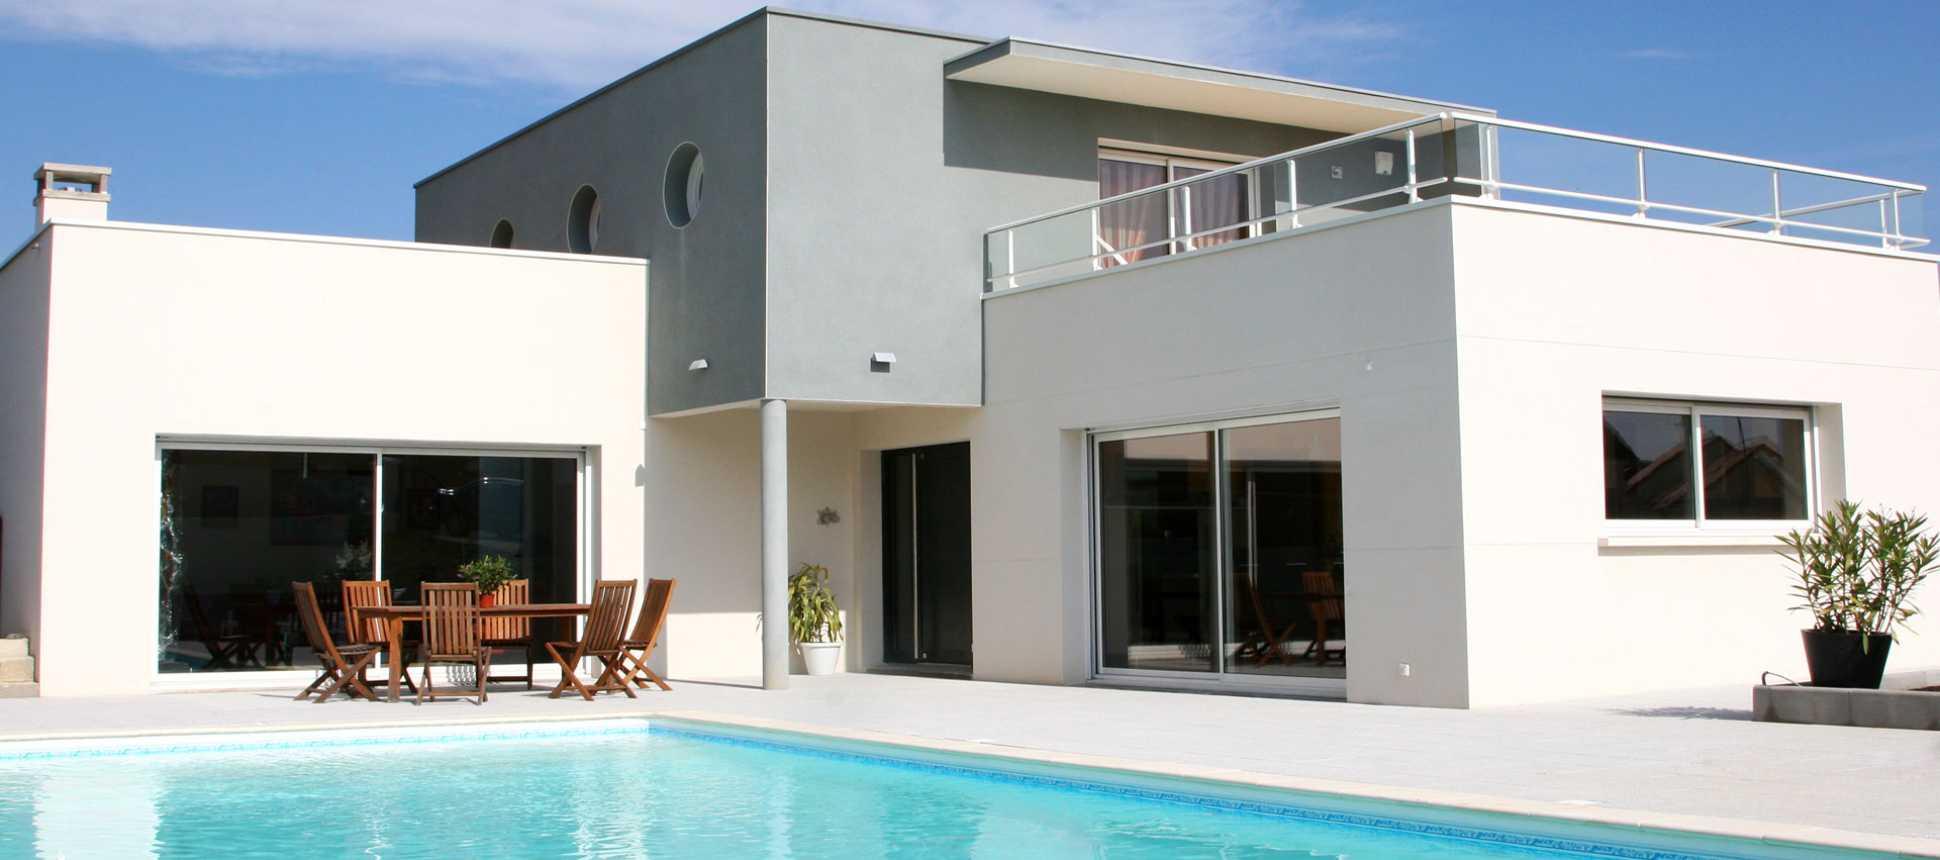 Einfamilienhaus mit pool  Das Einfamilienhaus | AC Schwimmbadtechnik